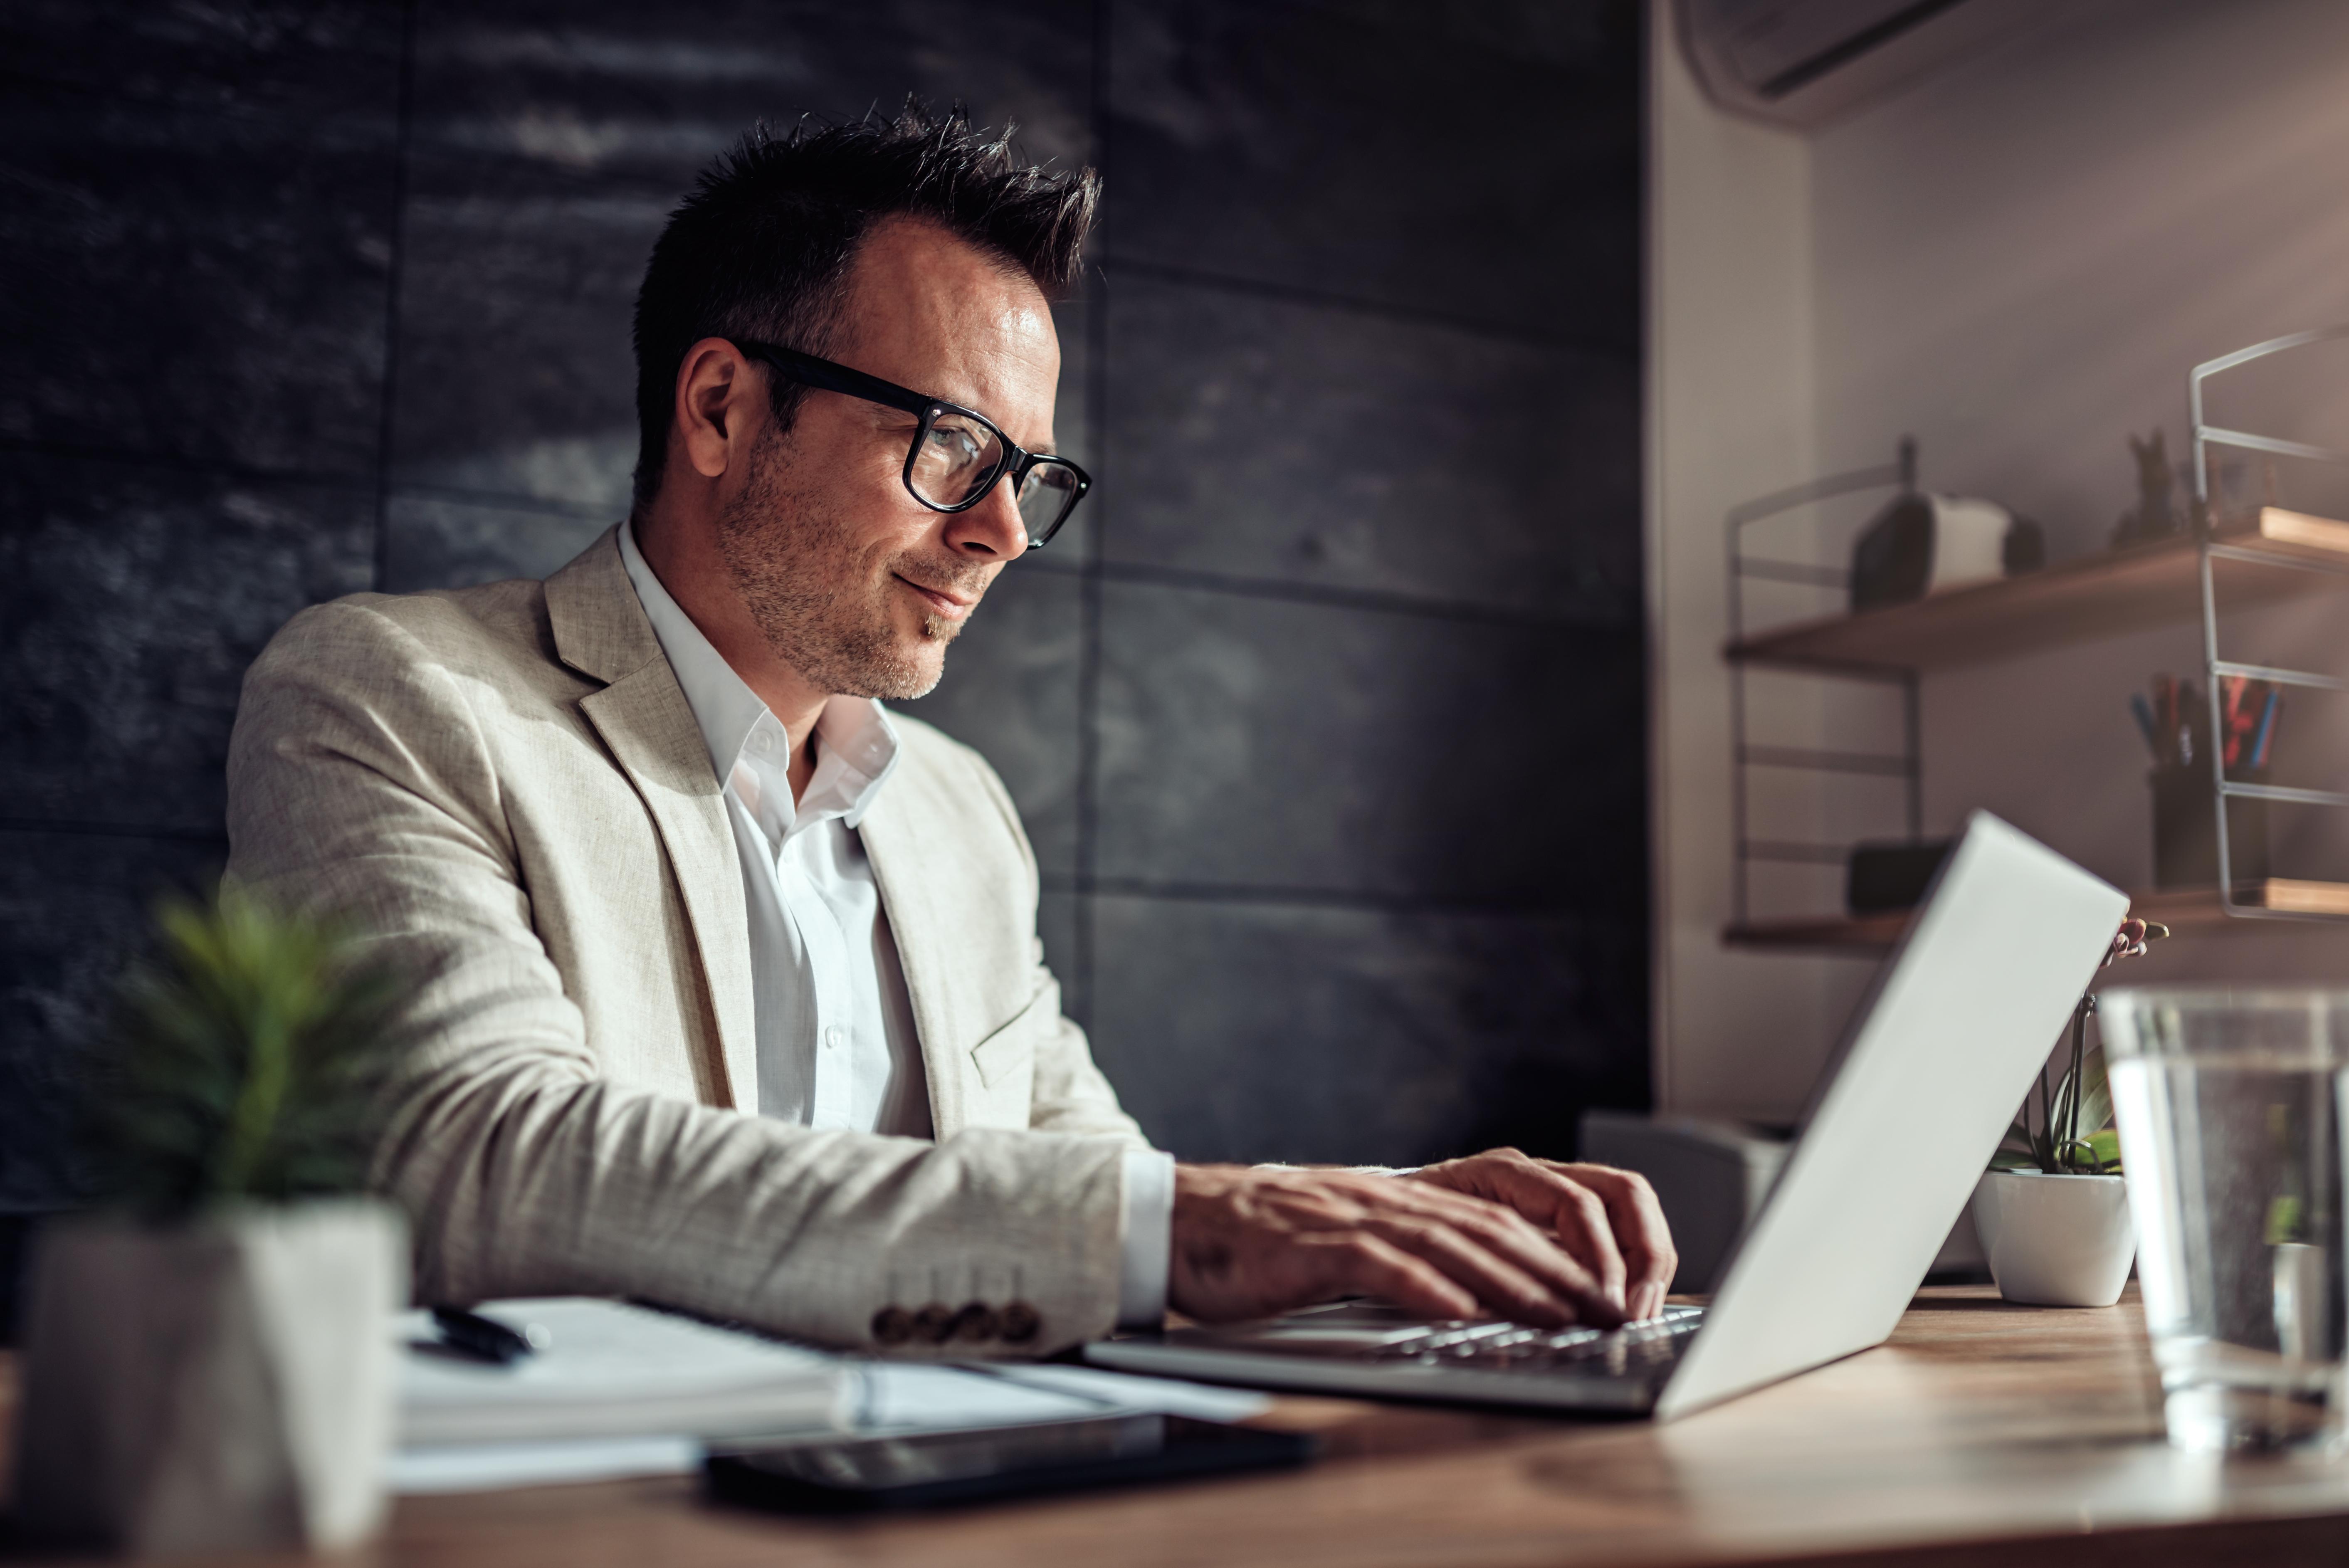 これまで手作業で行っていた煩雑な請求書の処理業務の改善、申請から承認までのリードタイム短縮、未払 金や処理すべき請求書処理などの見える化を実現し、ガバナンス強化の支援につなげます。